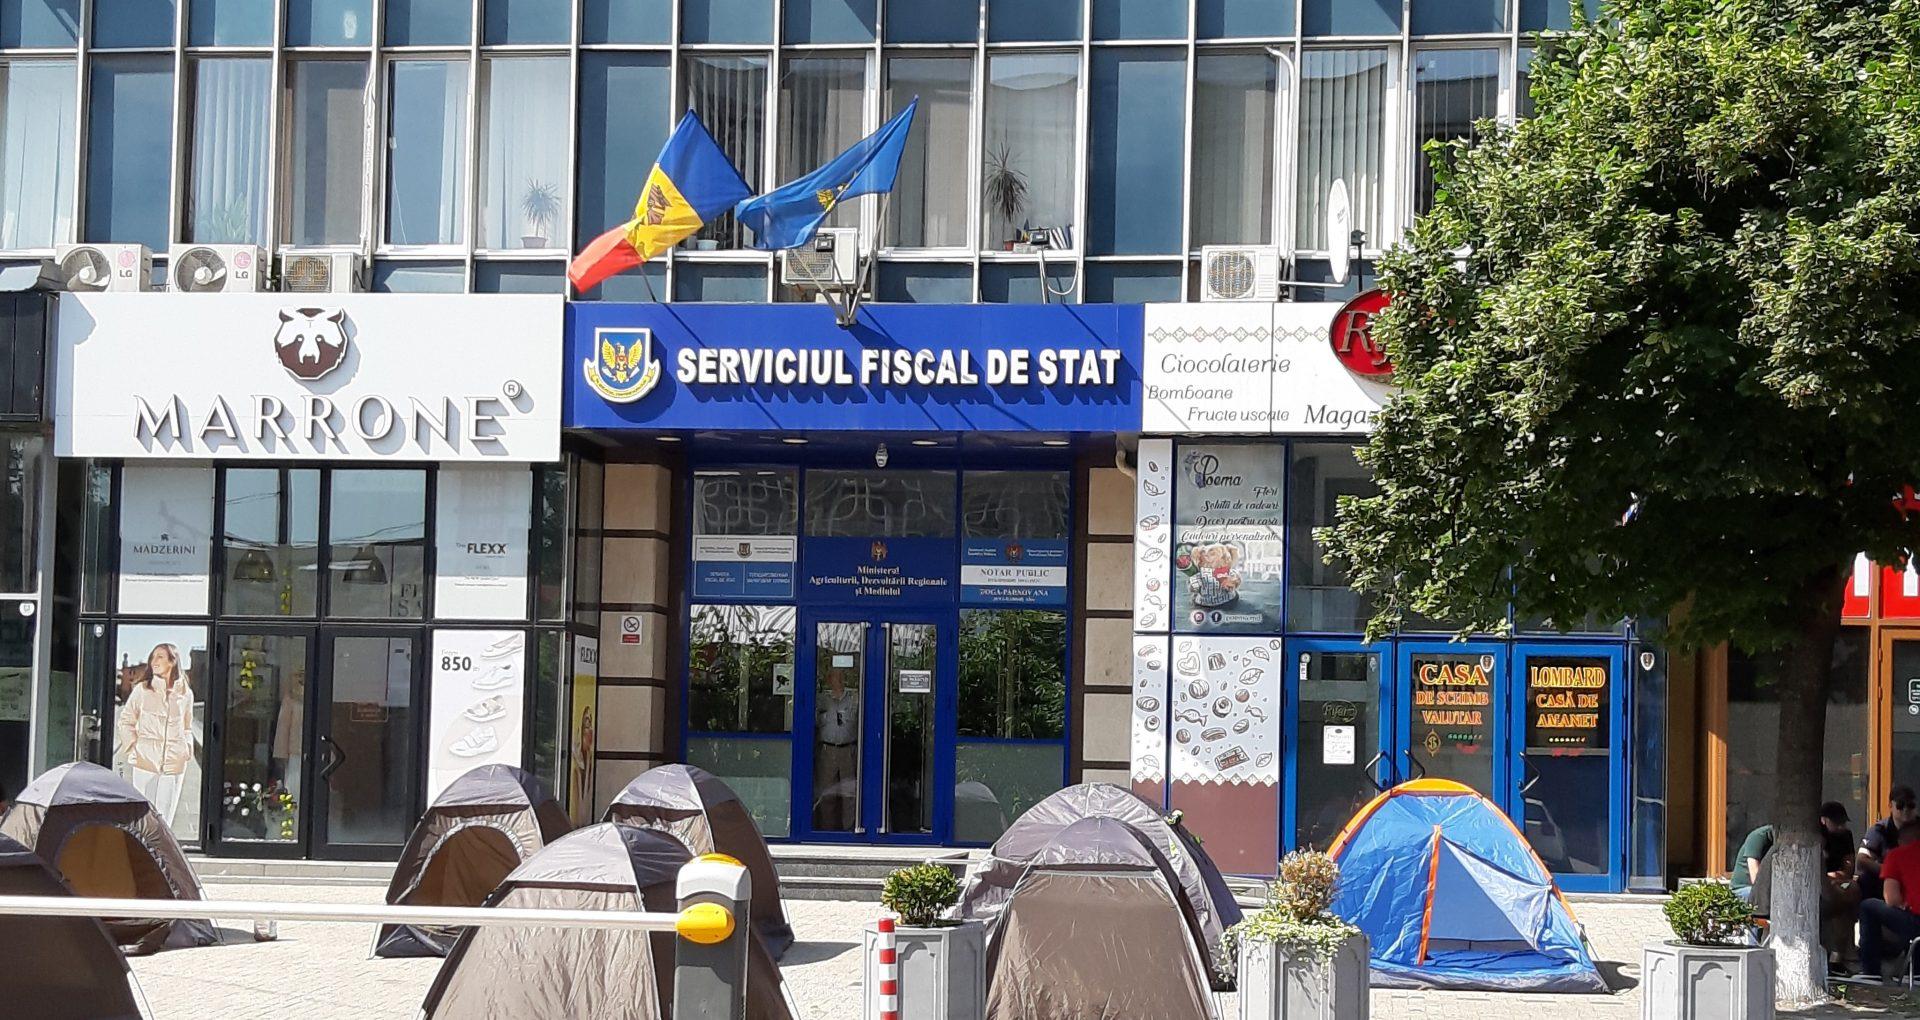 7 231 contracte de locațiune au fost înregistrate la Serviciul Fiscal de Stat în primele cinci luni ale anului curent